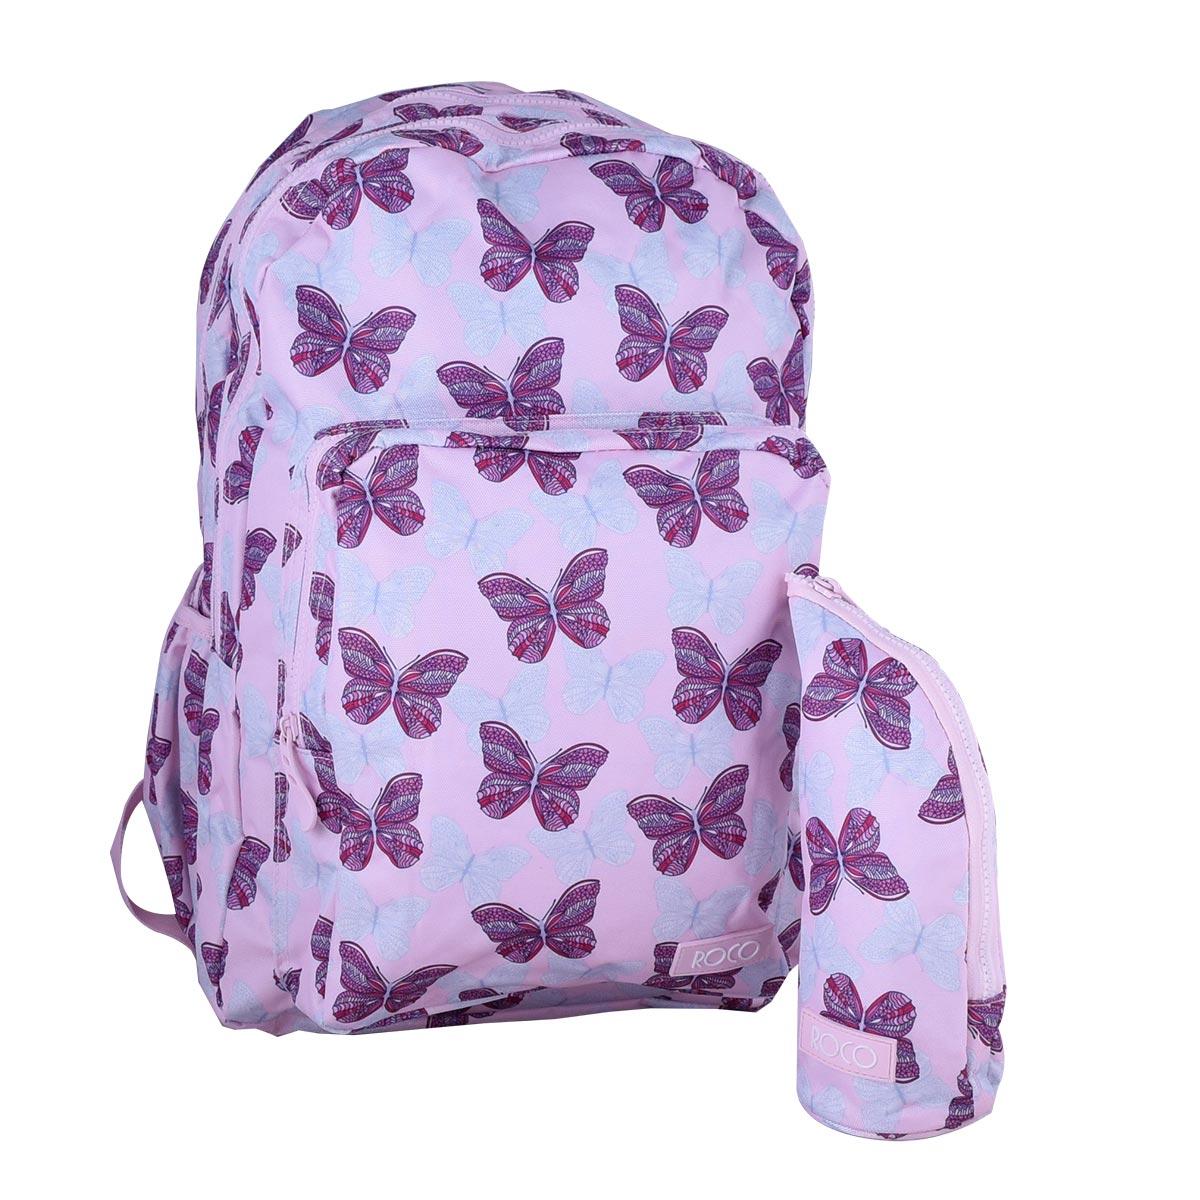 حقيبة ظهر مدرسية روكو + مقلمه - موديل FP910J07